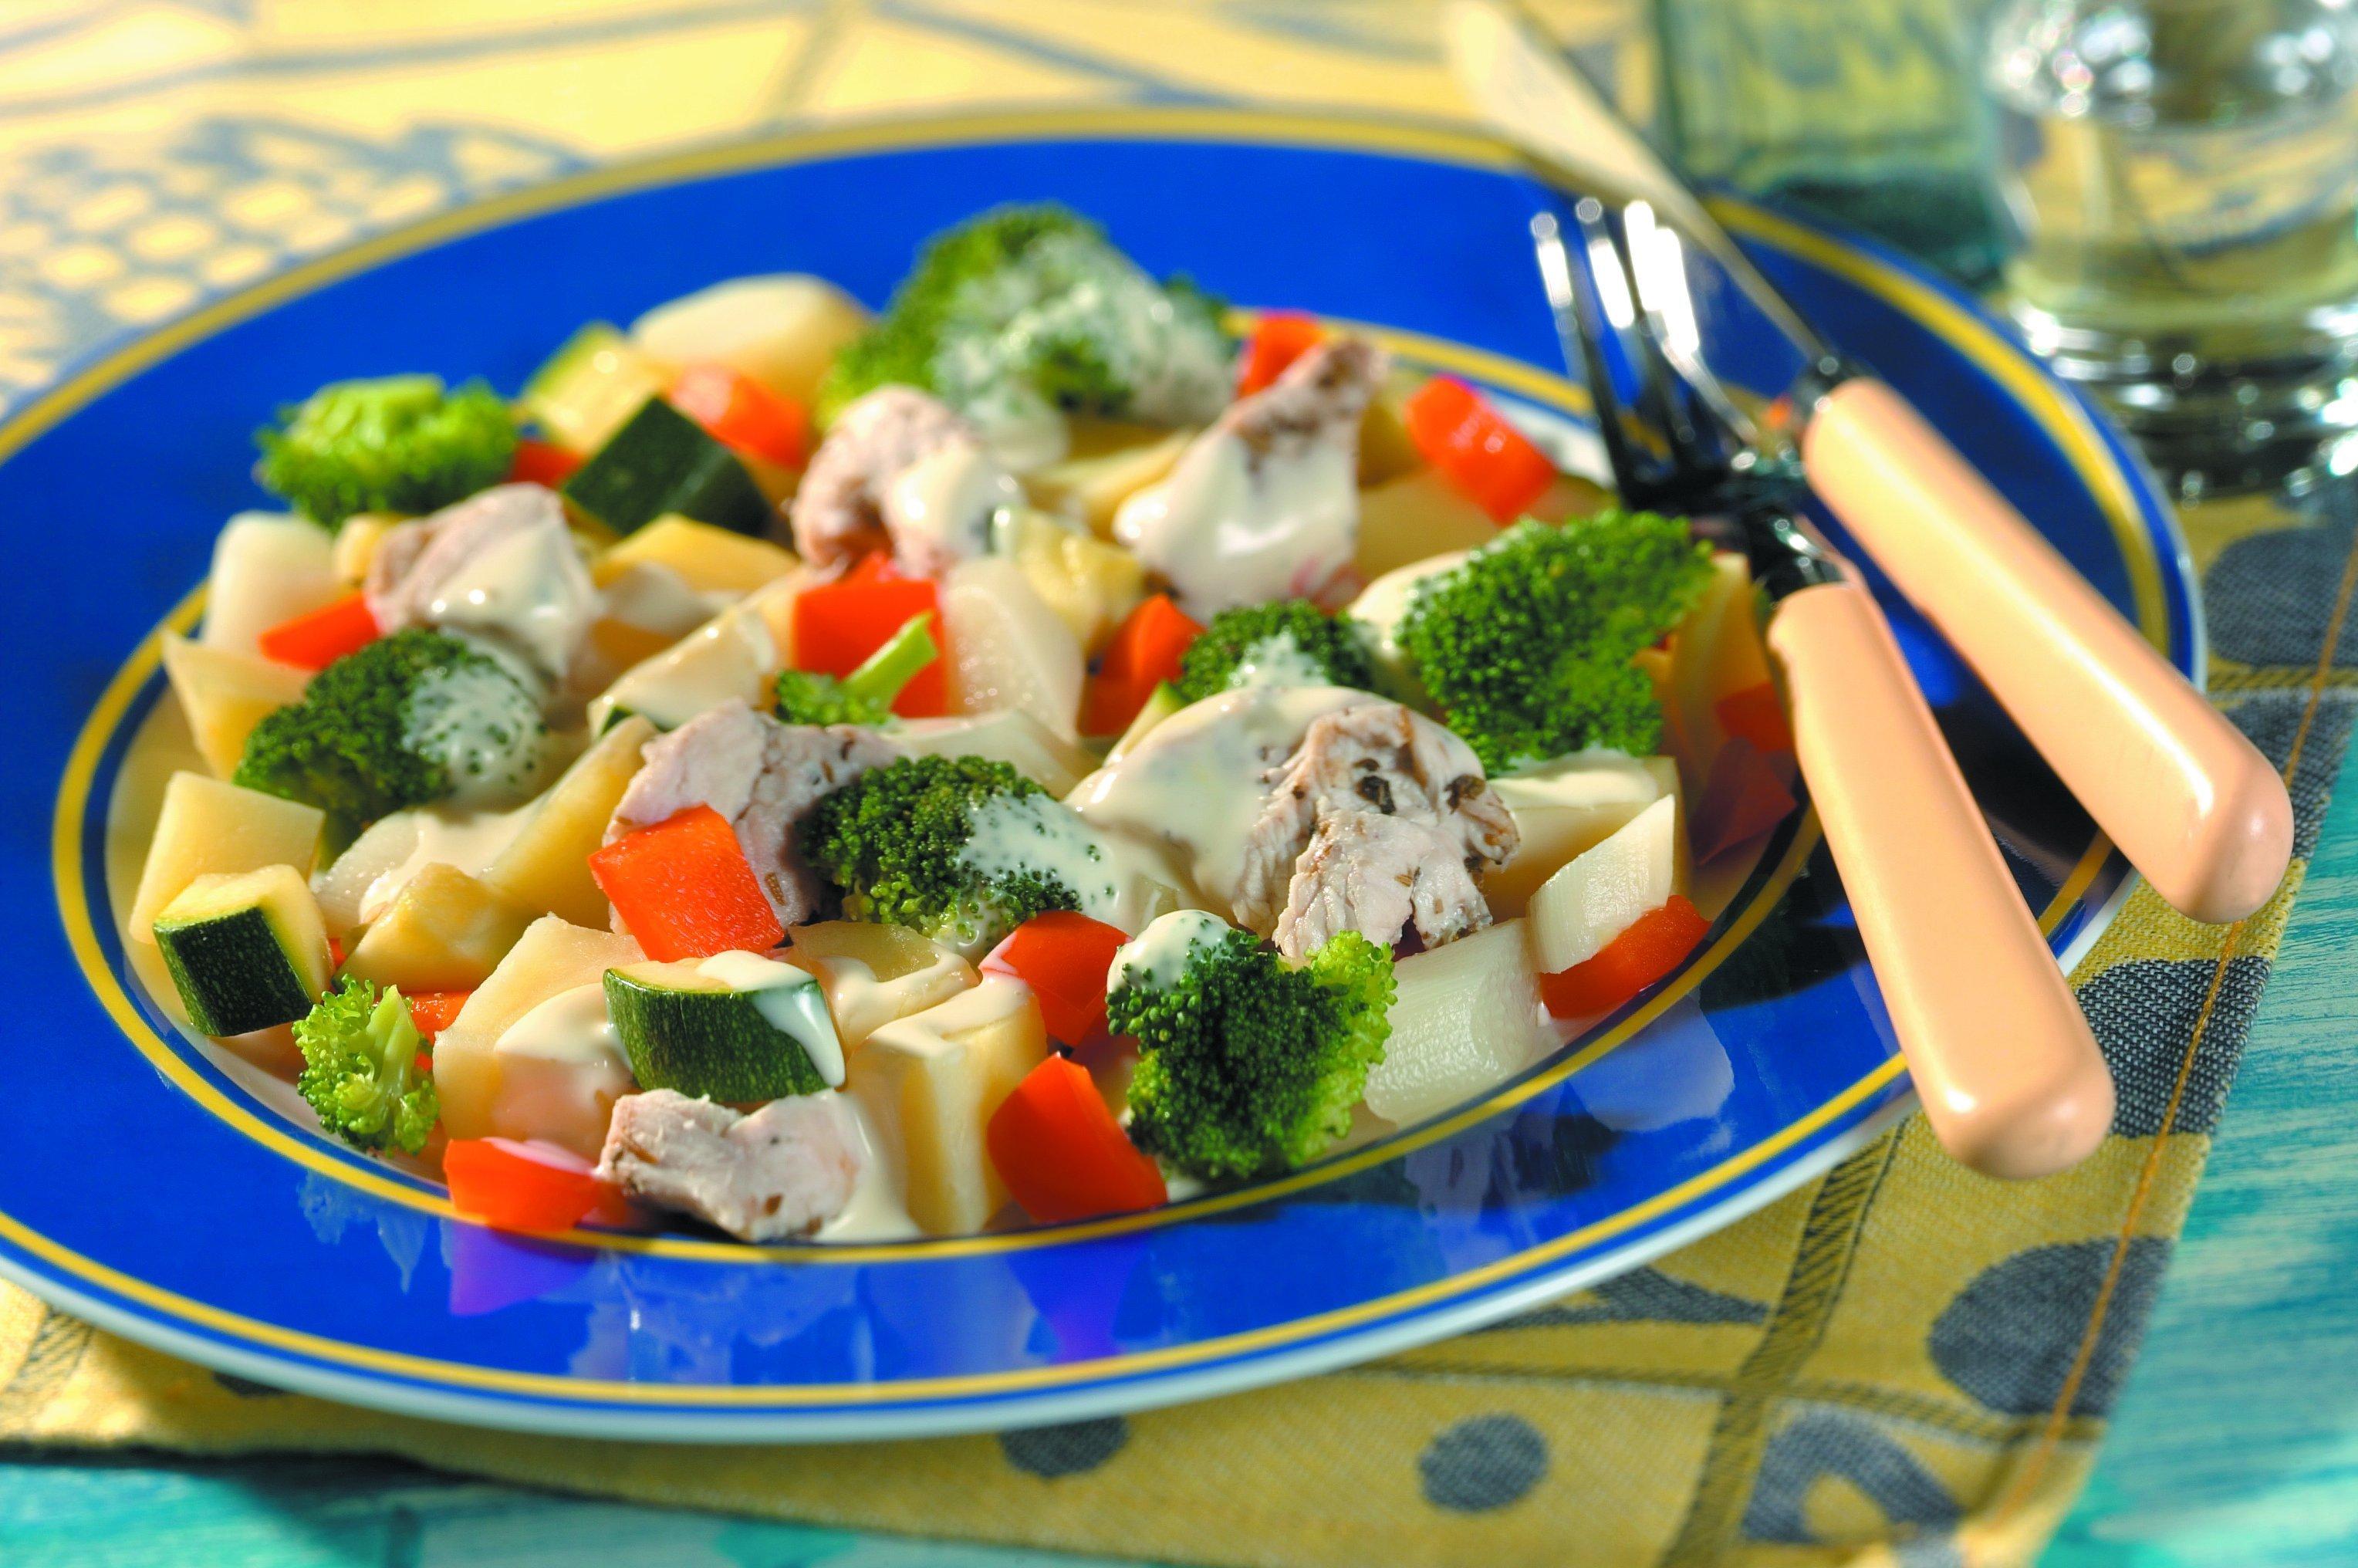 Самые Вкусные Рецепты Блюд Для Похудения.